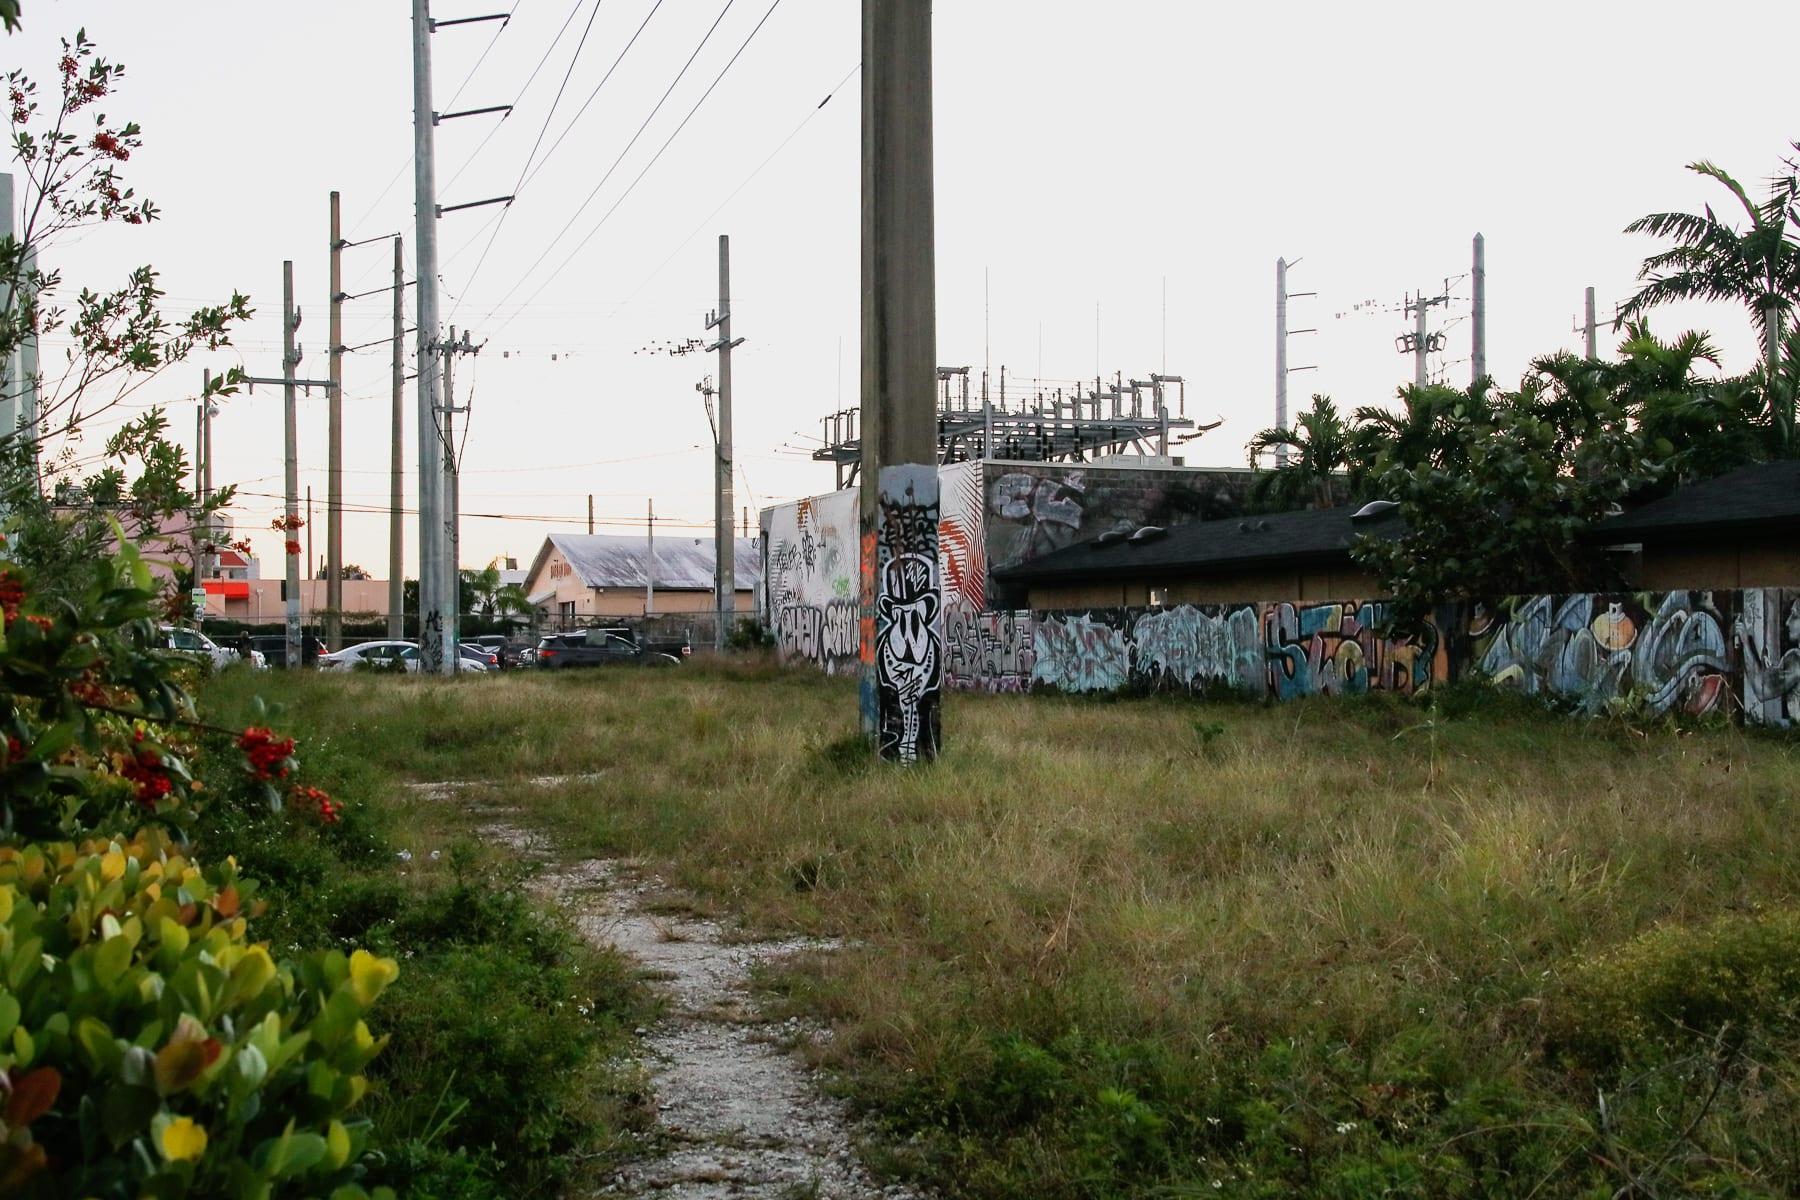 15-FL-journey-miami-wynwoodwalls37.jpg